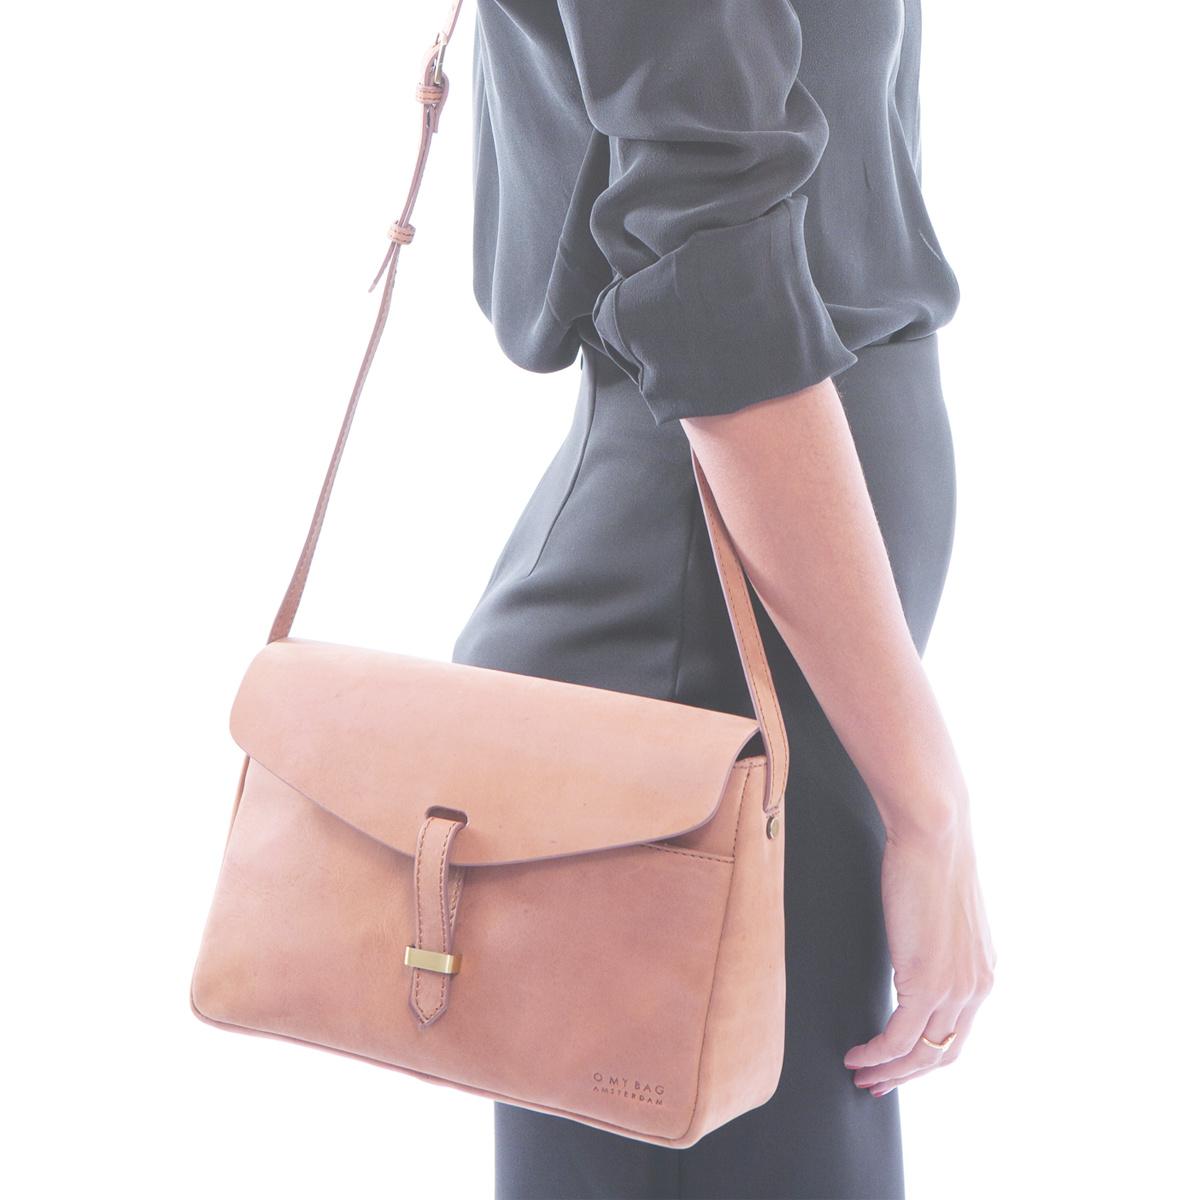 Ally Bag Maxi - Camel-2